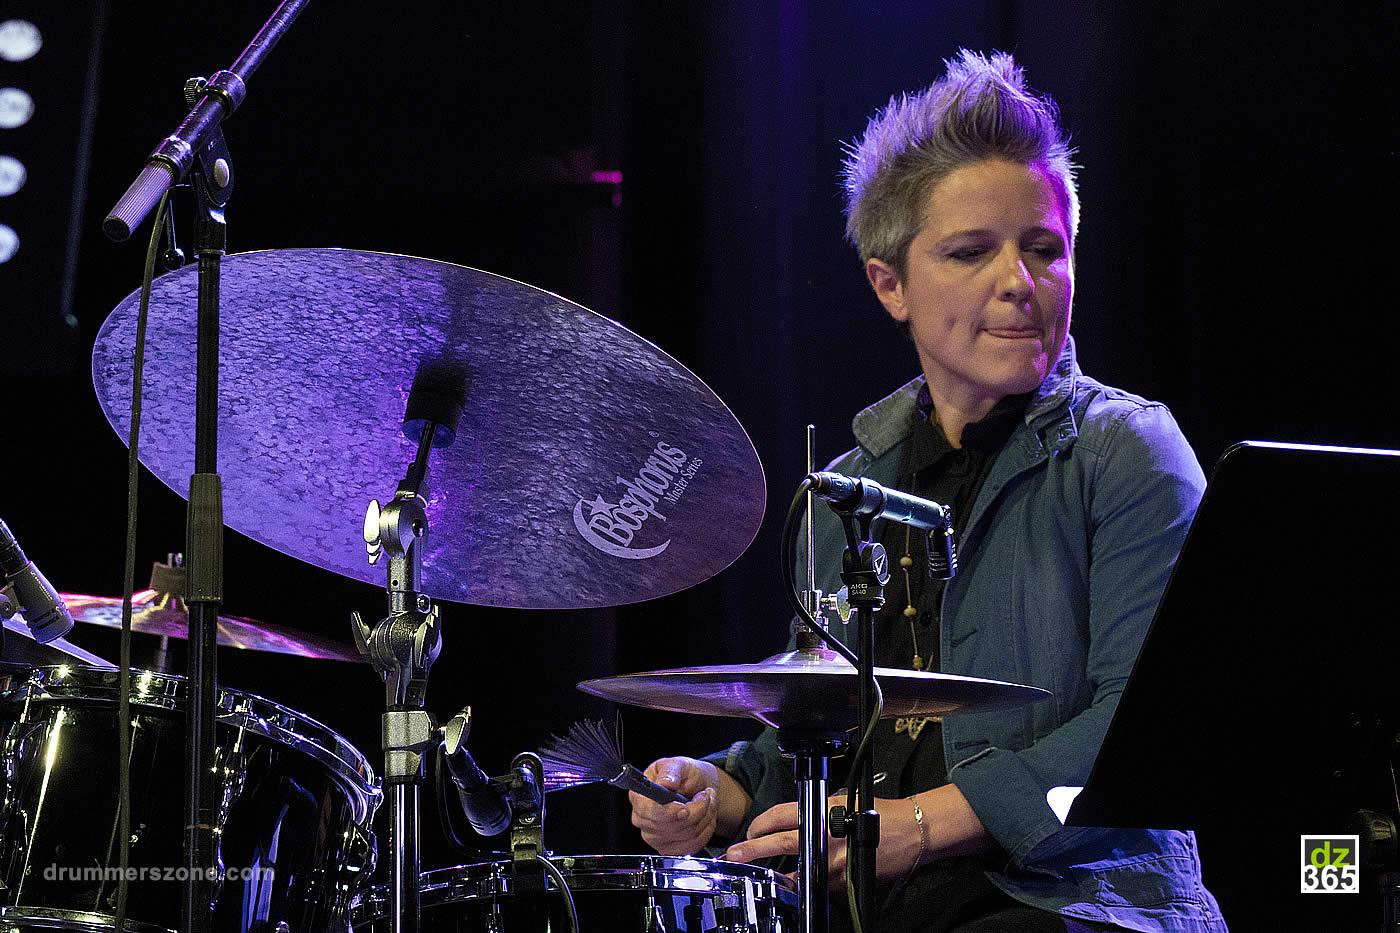 Allison Miller Videos drummerszone - allison miller